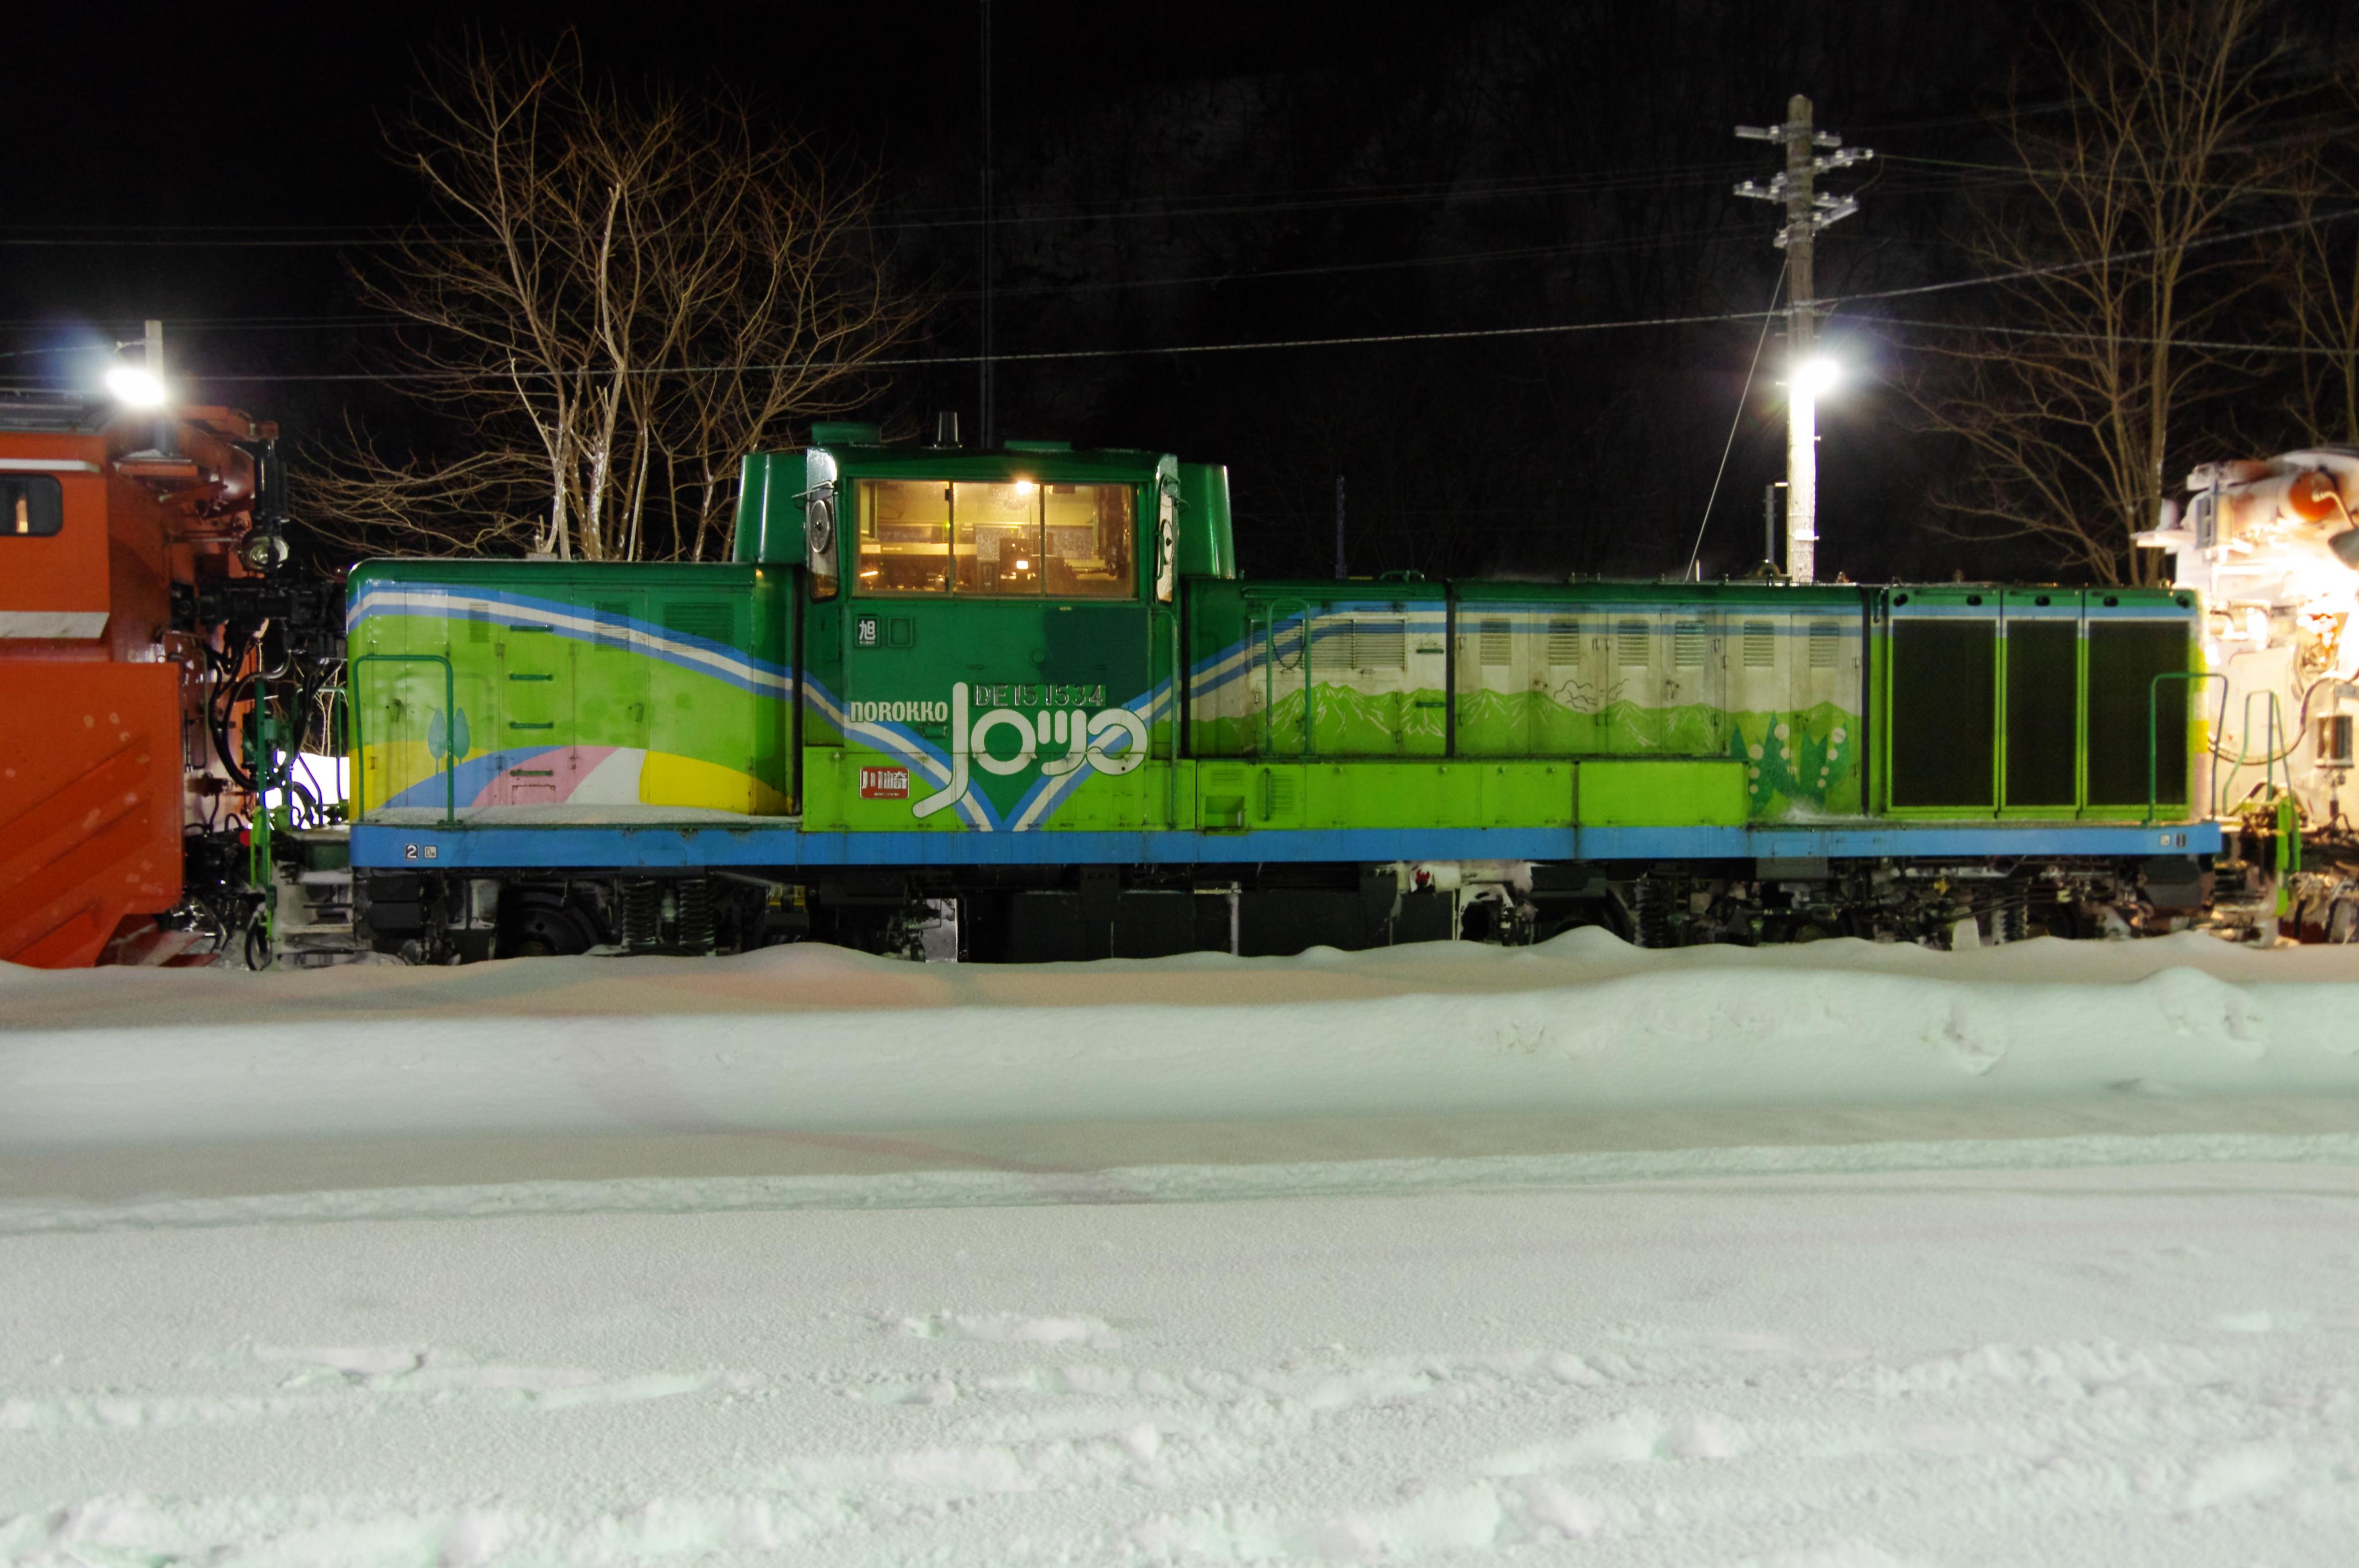 雪122レ DE15−1534機 ノロッコ釜 蘭島駅.jpg